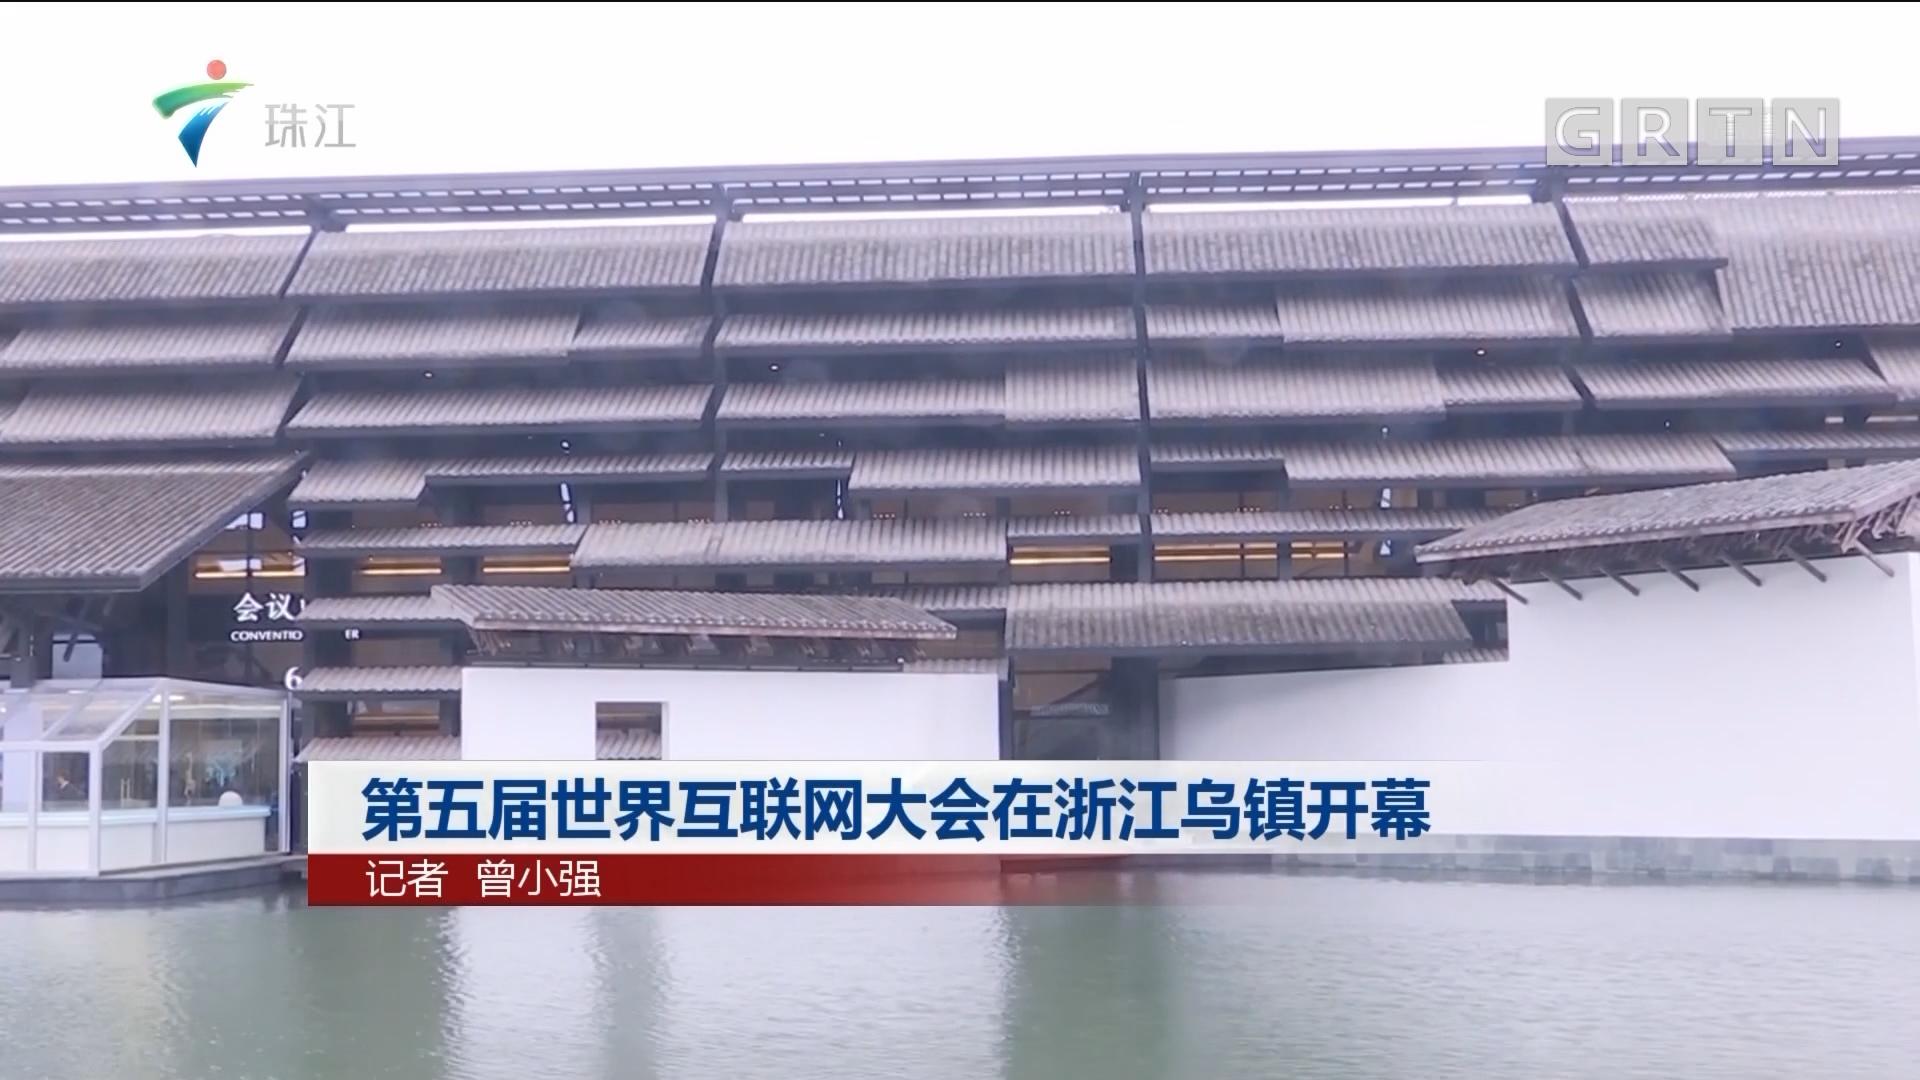 第五届世界互联网大会在浙江乌镇开幕